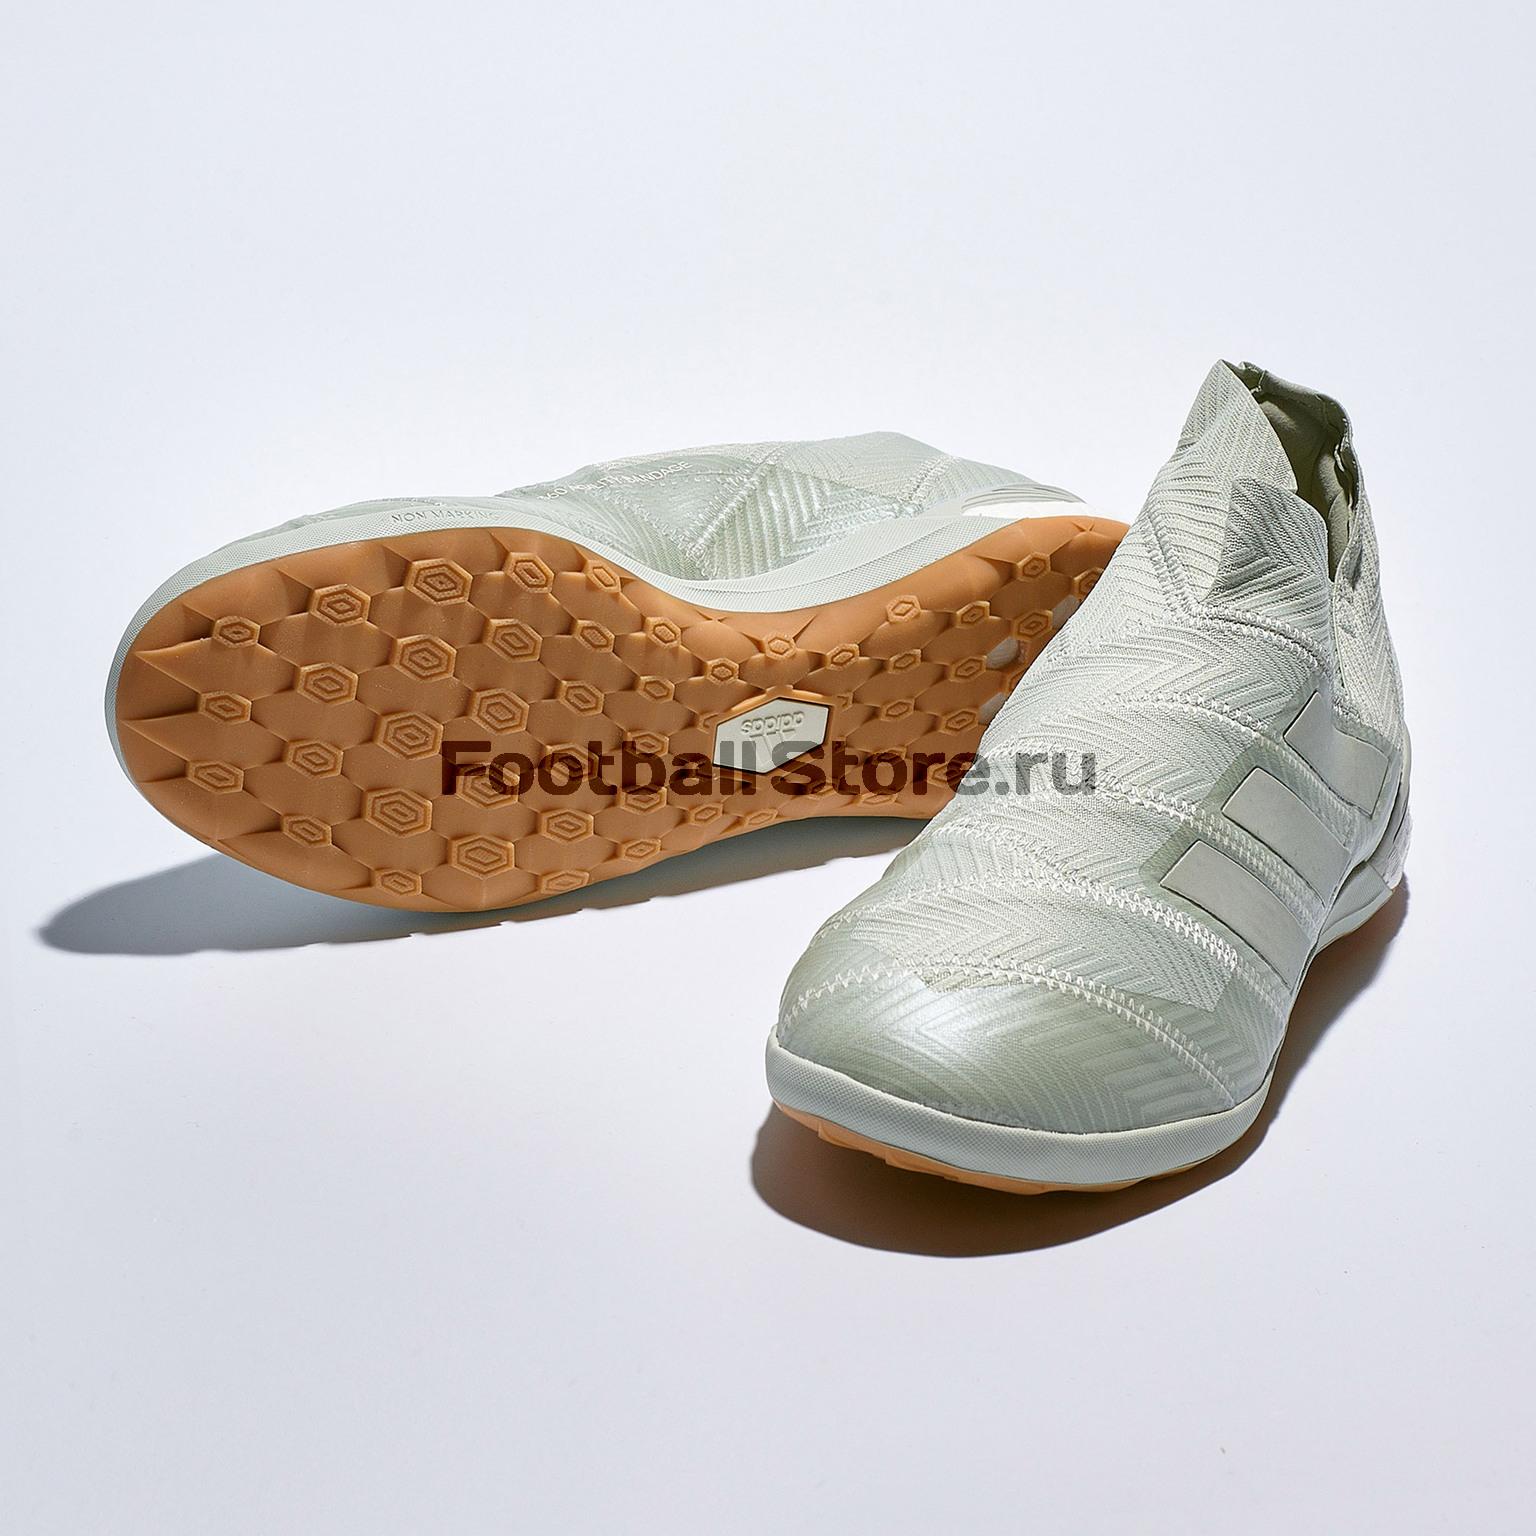 Футзалки Adidas Nemeziz Tango 18+ IN DB2471